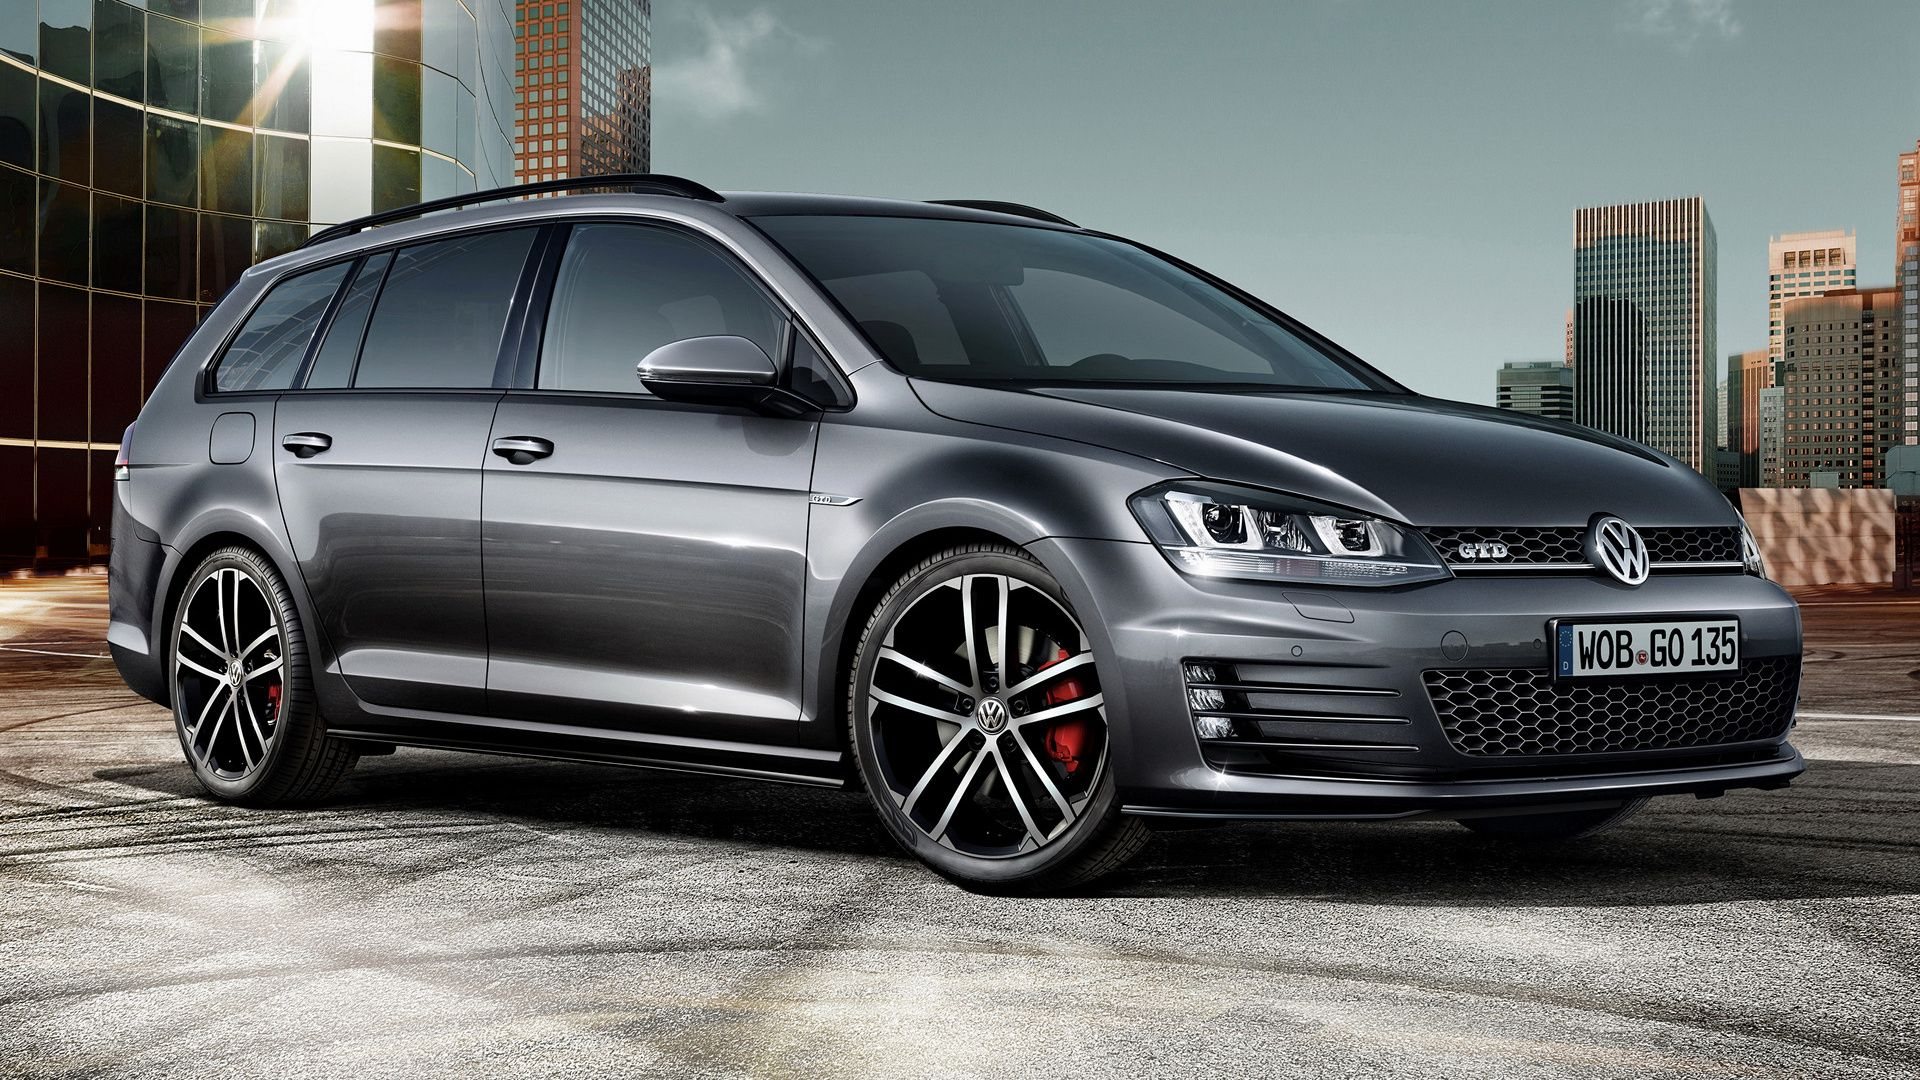 Volkswagen vw golf 7